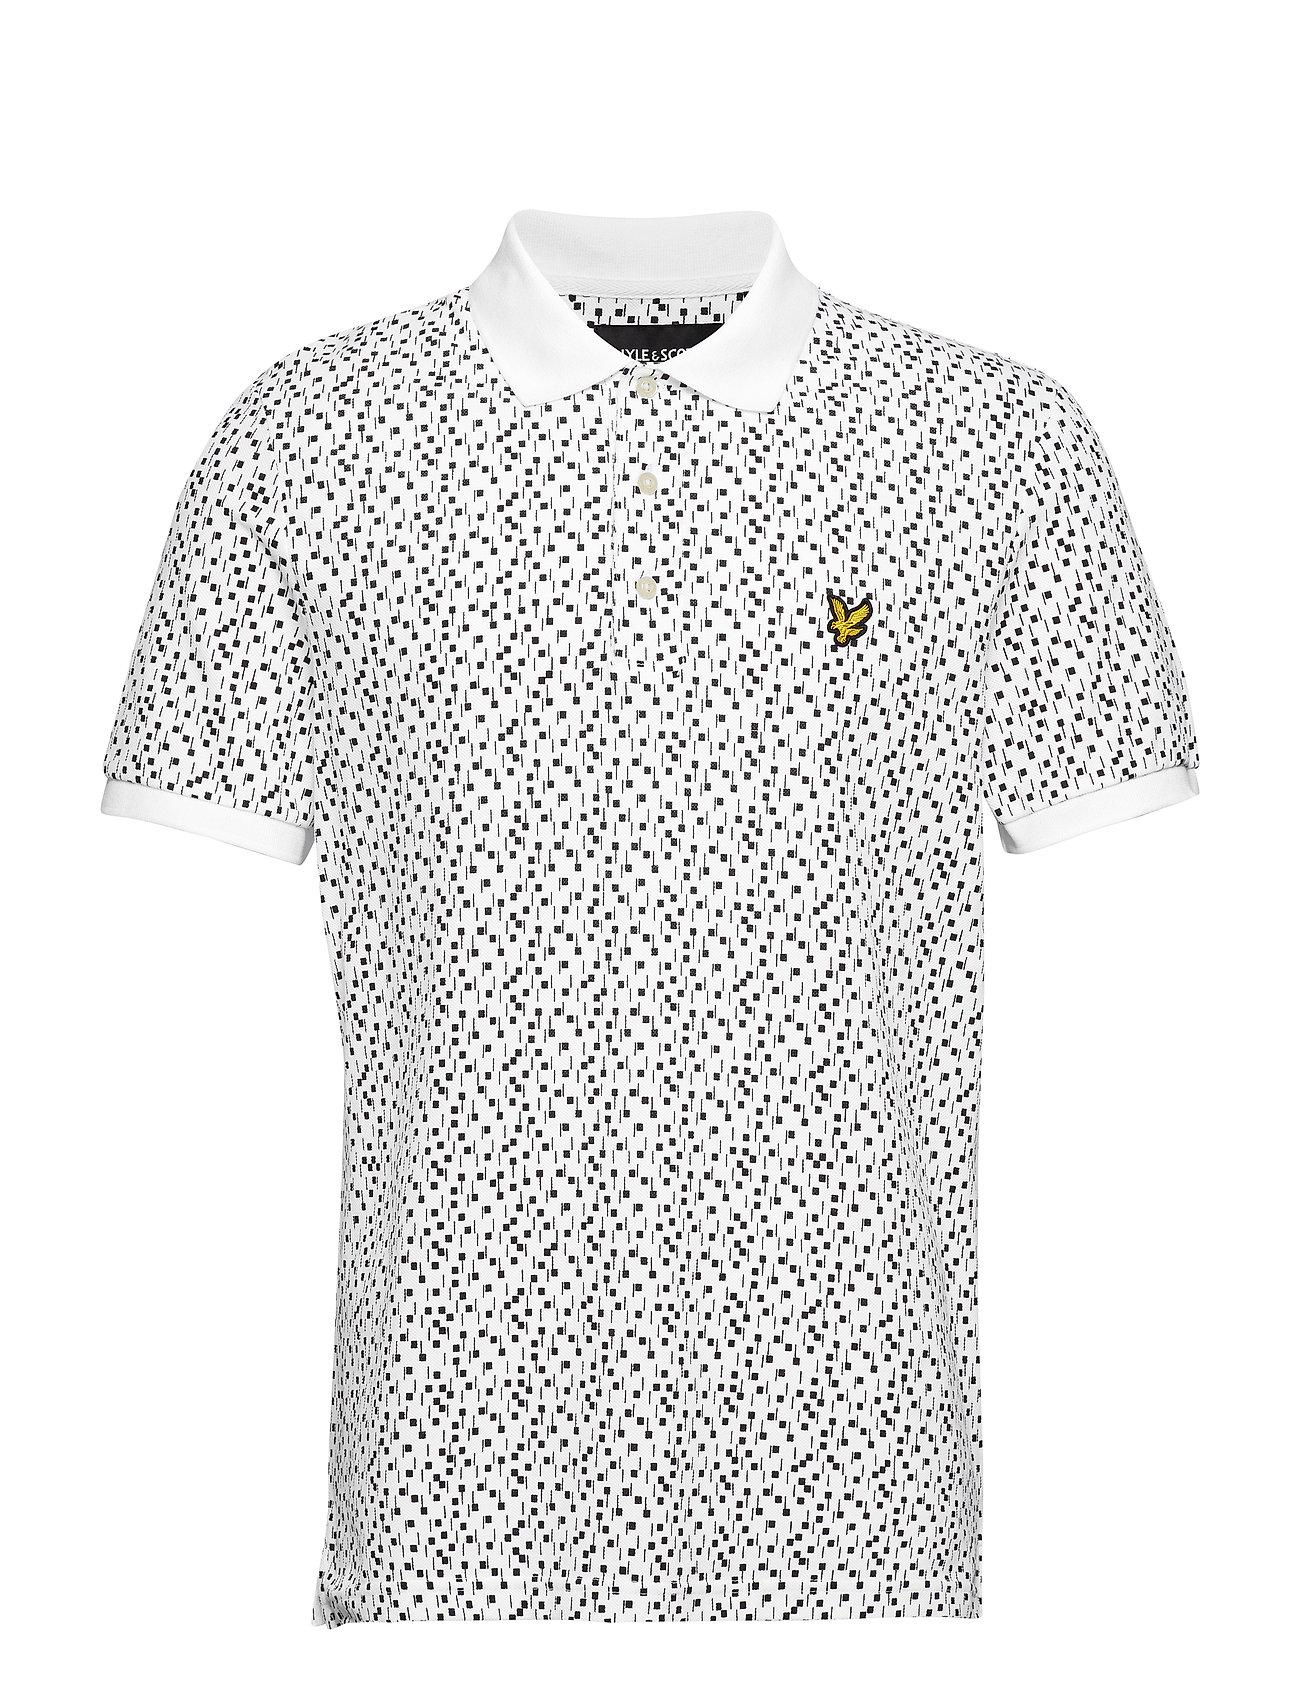 Lyle & Scott Print Polo Shirt - WHITE MICRO TILE PRINT